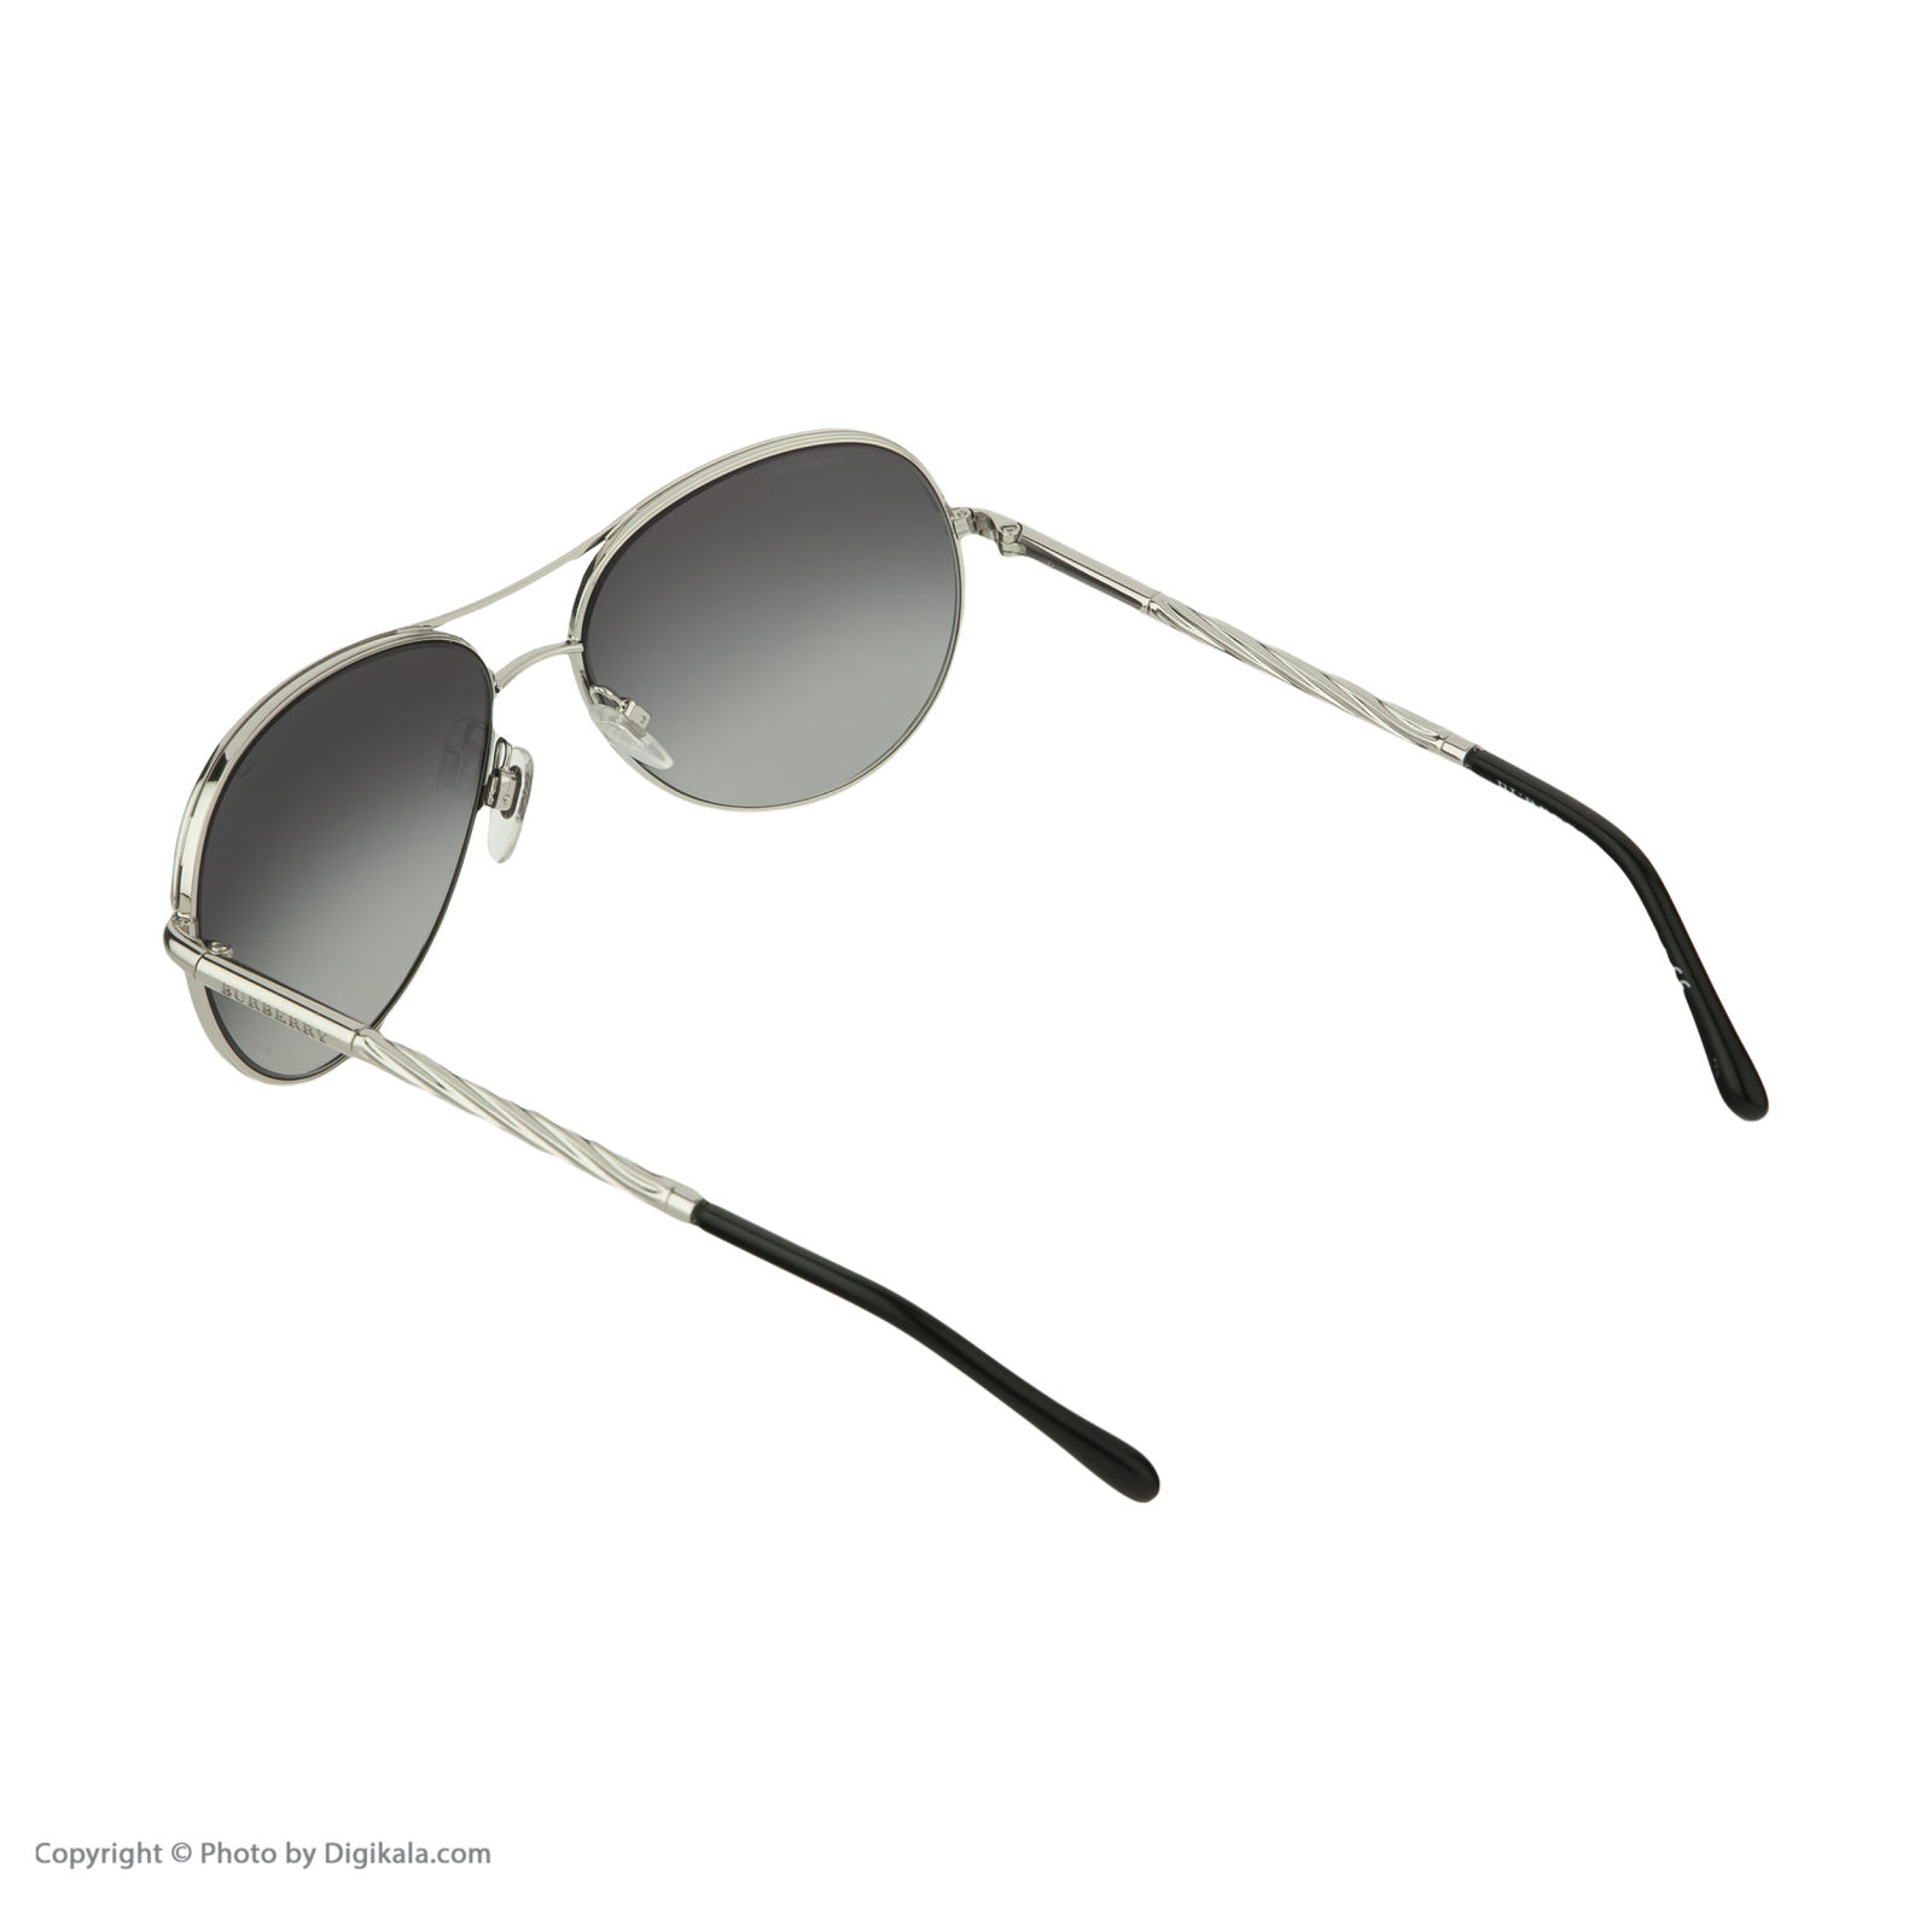 عینک آفتابی زنانه بربری مدل BE 3082S 10058G 57 -  - 4